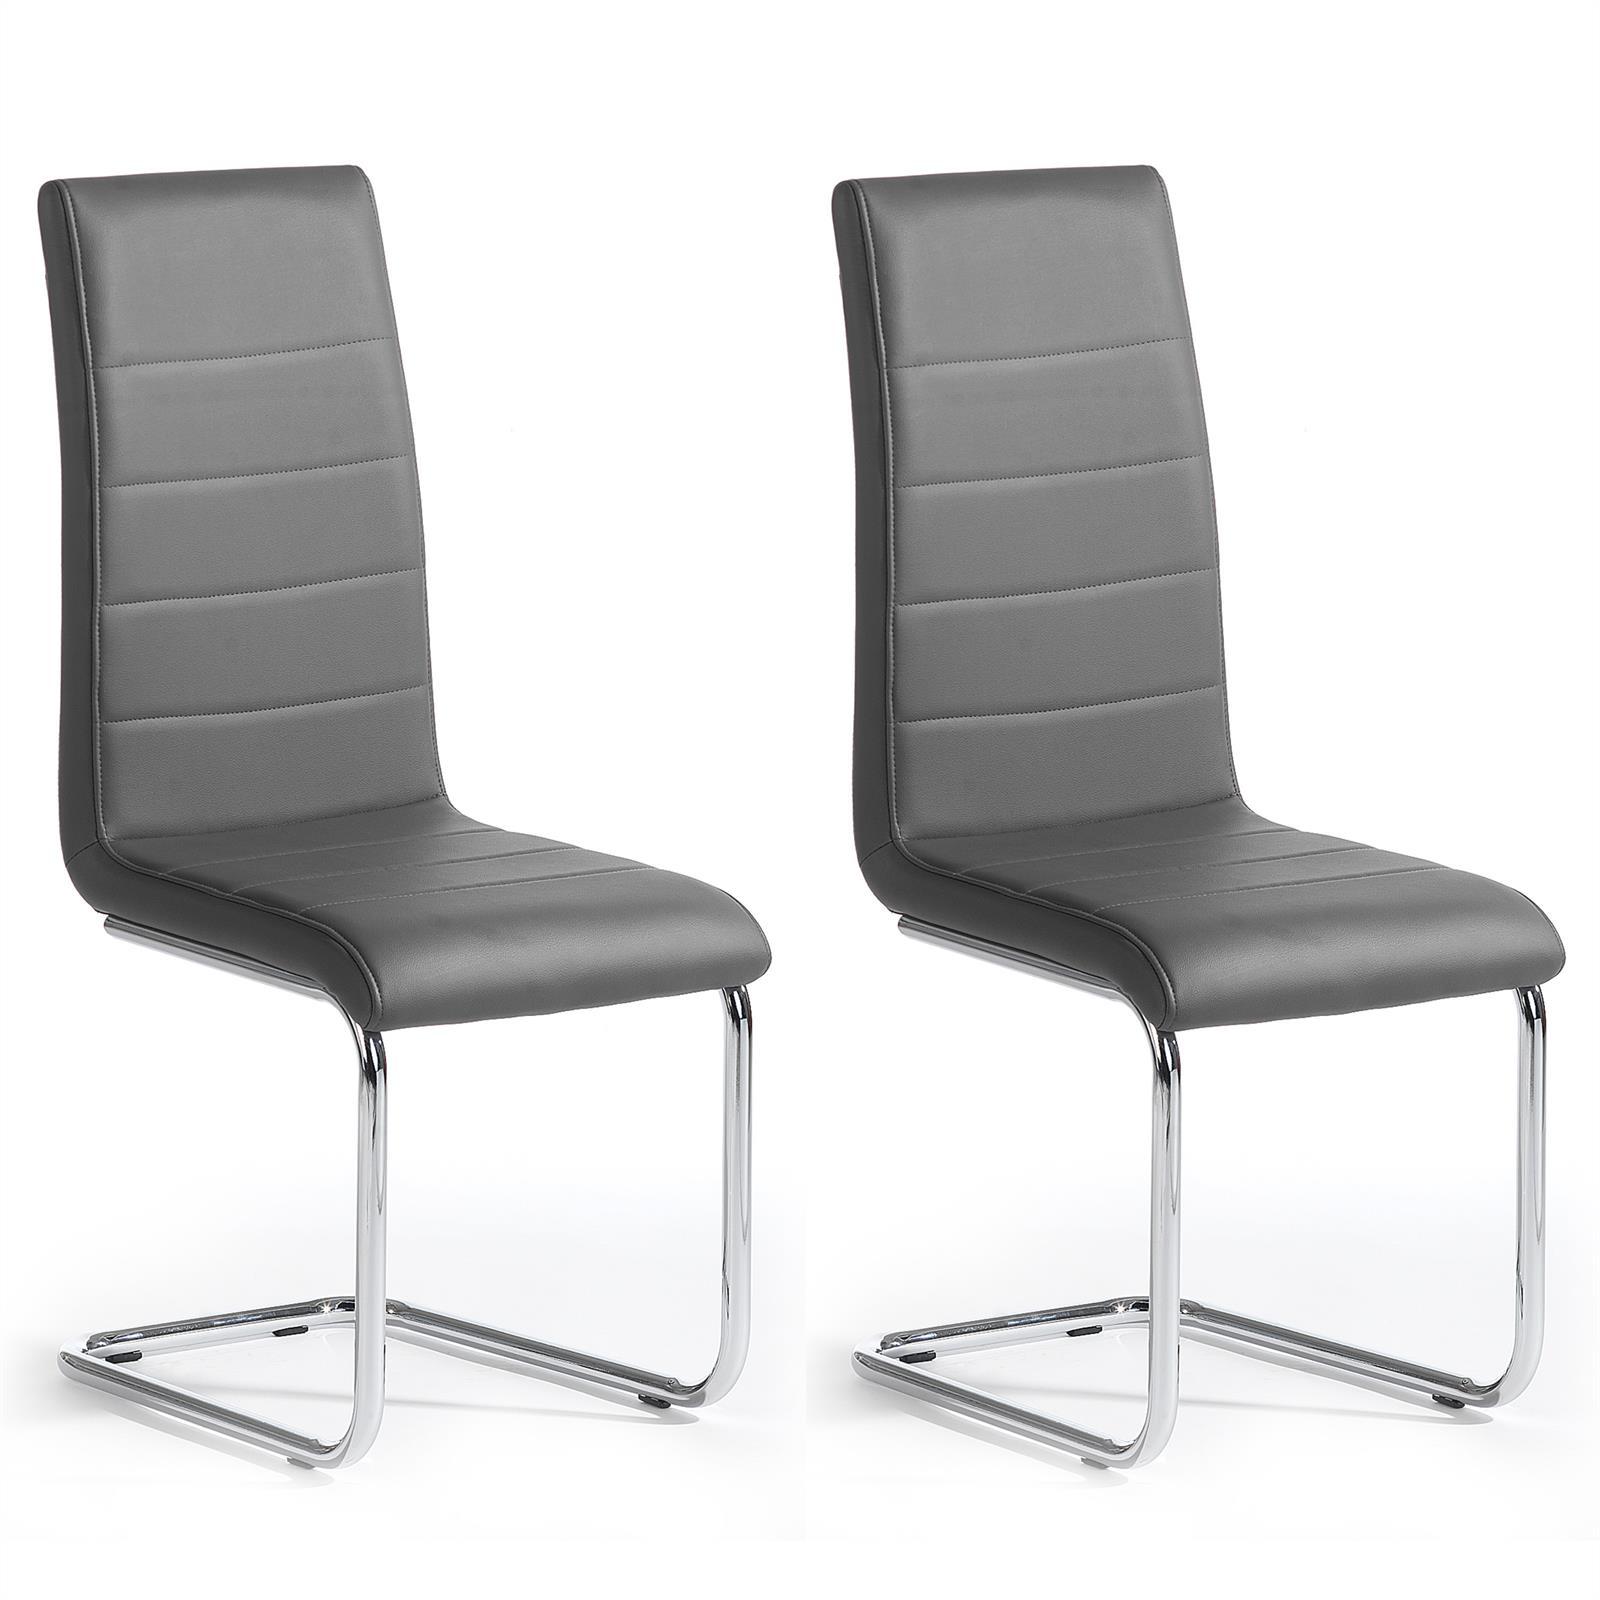 schwingstuhl leni freischwinger grau mobilia24. Black Bedroom Furniture Sets. Home Design Ideas